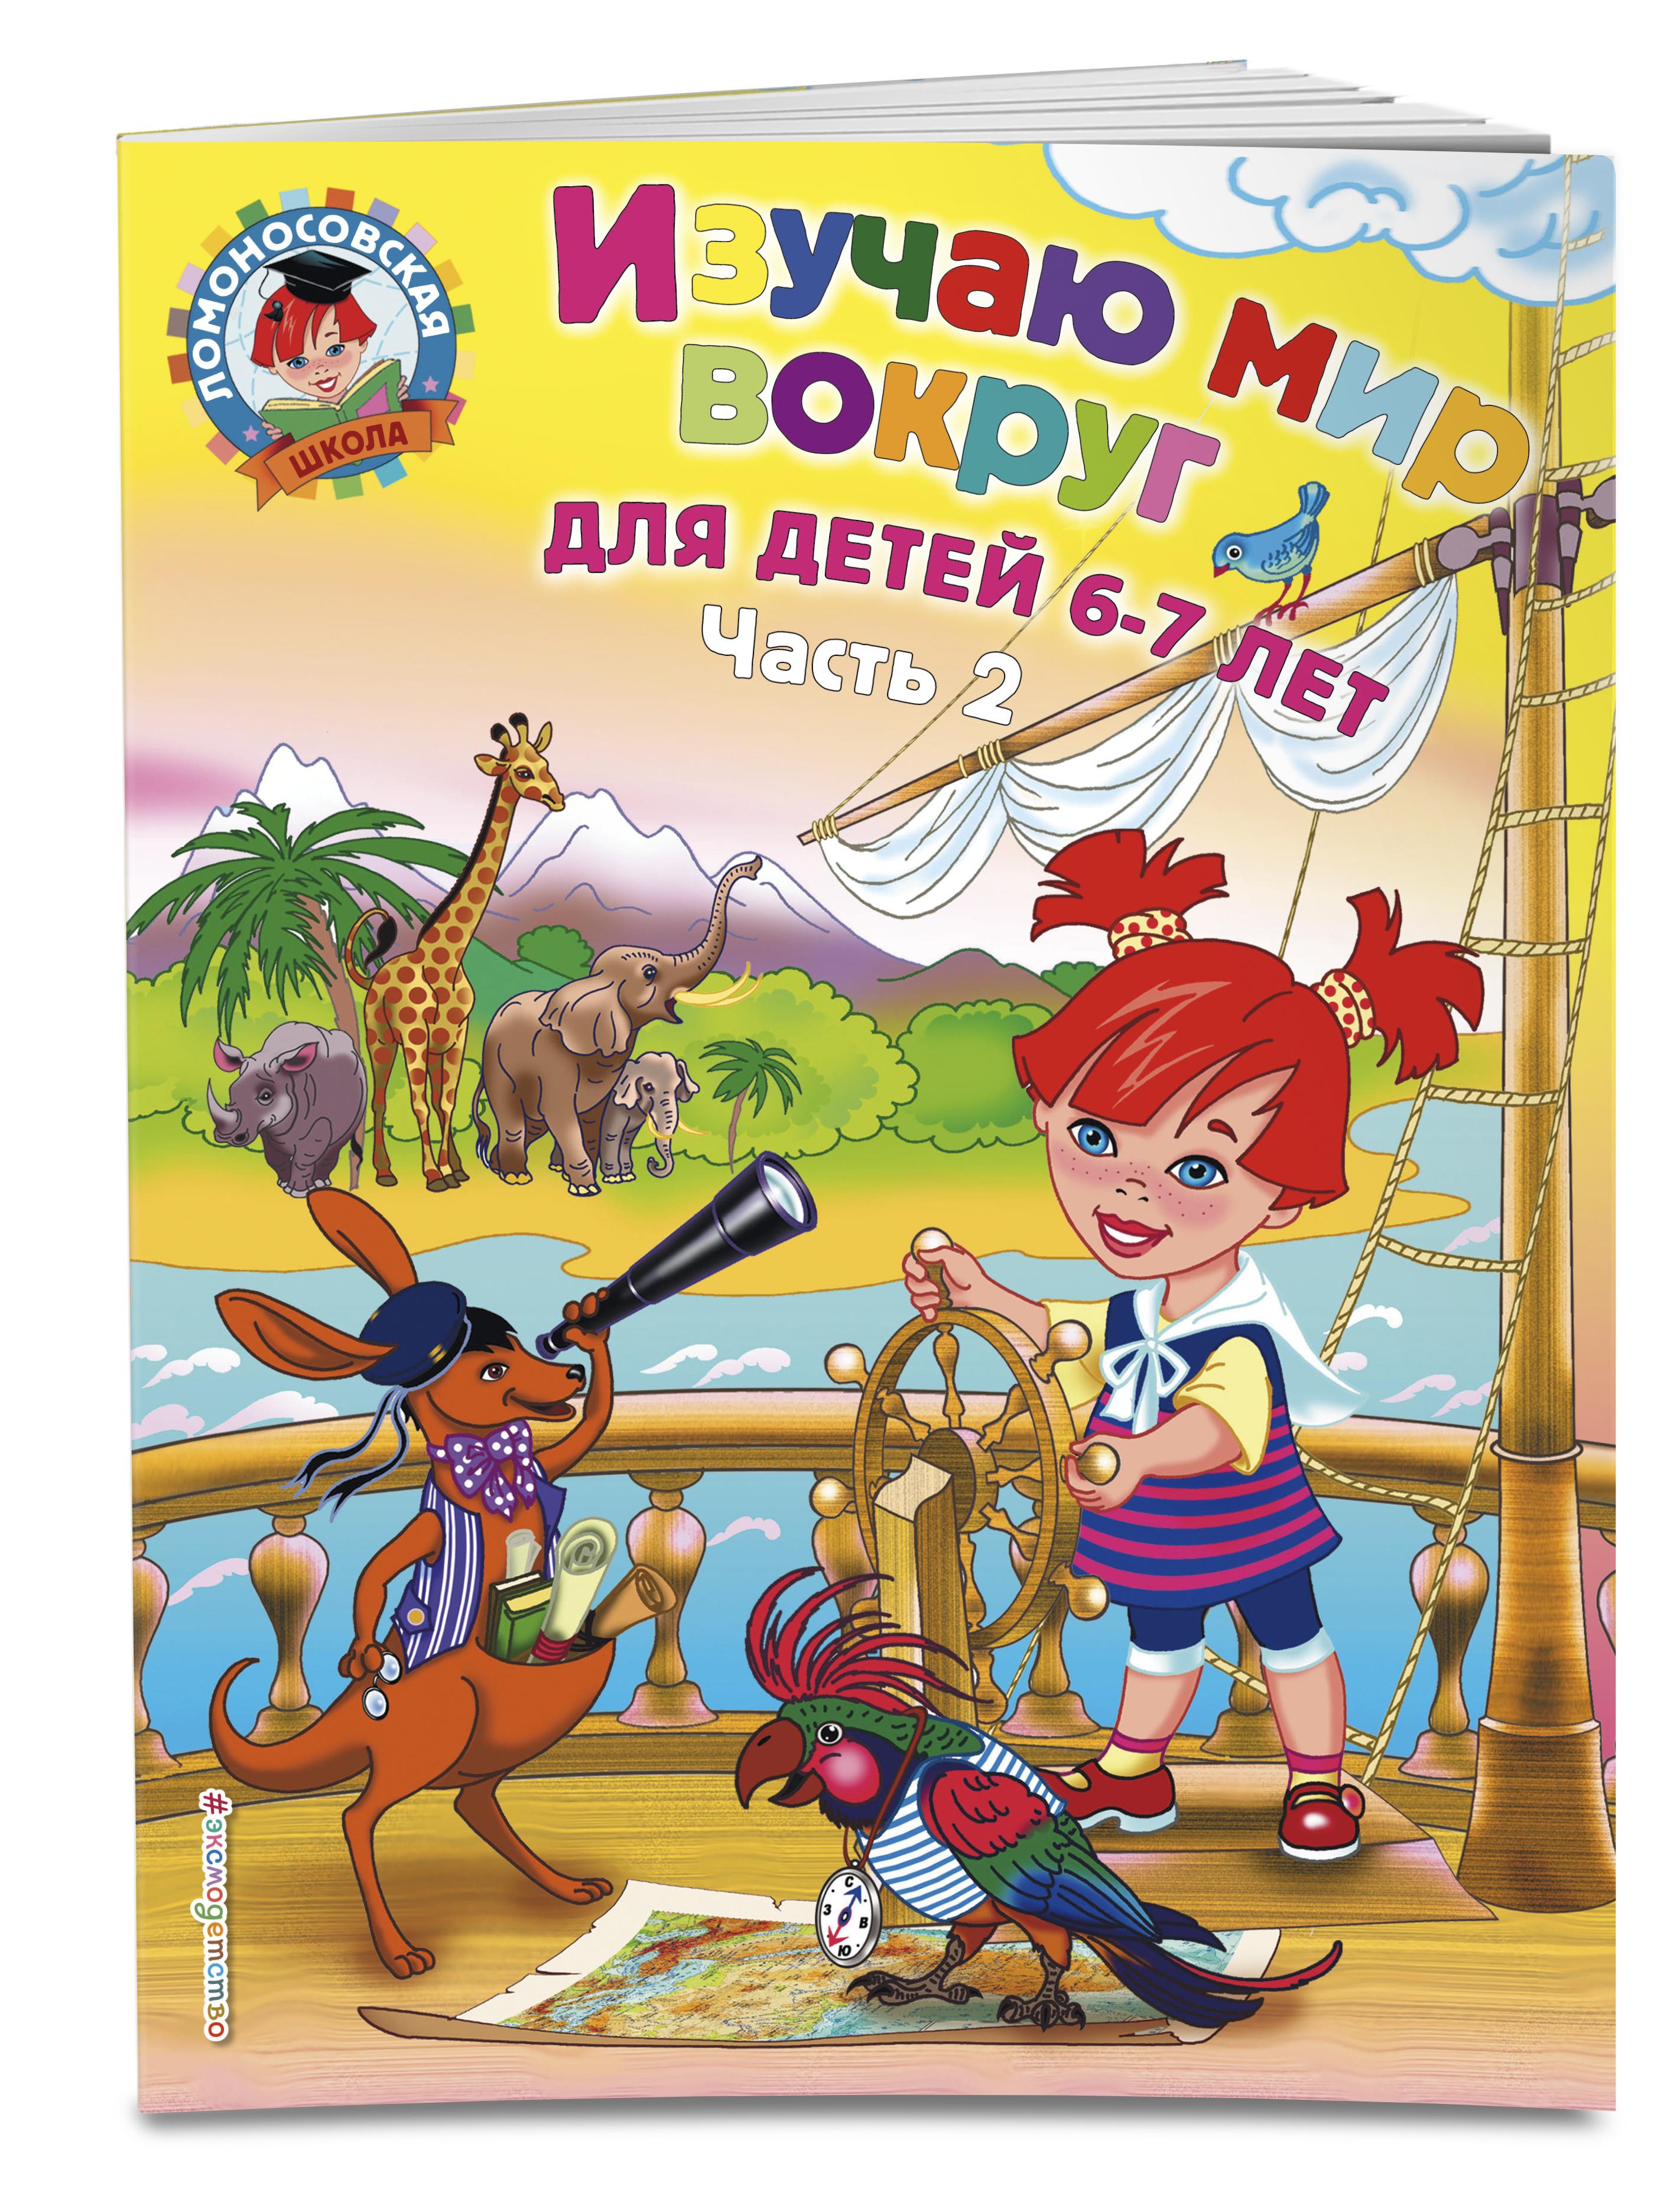 Липская Н.М. Изучаю мир вокруг: для детей 6-7 лет. Ч. 2 книги эксмо изучаю мир вокруг для детей 6 7 лет page 9